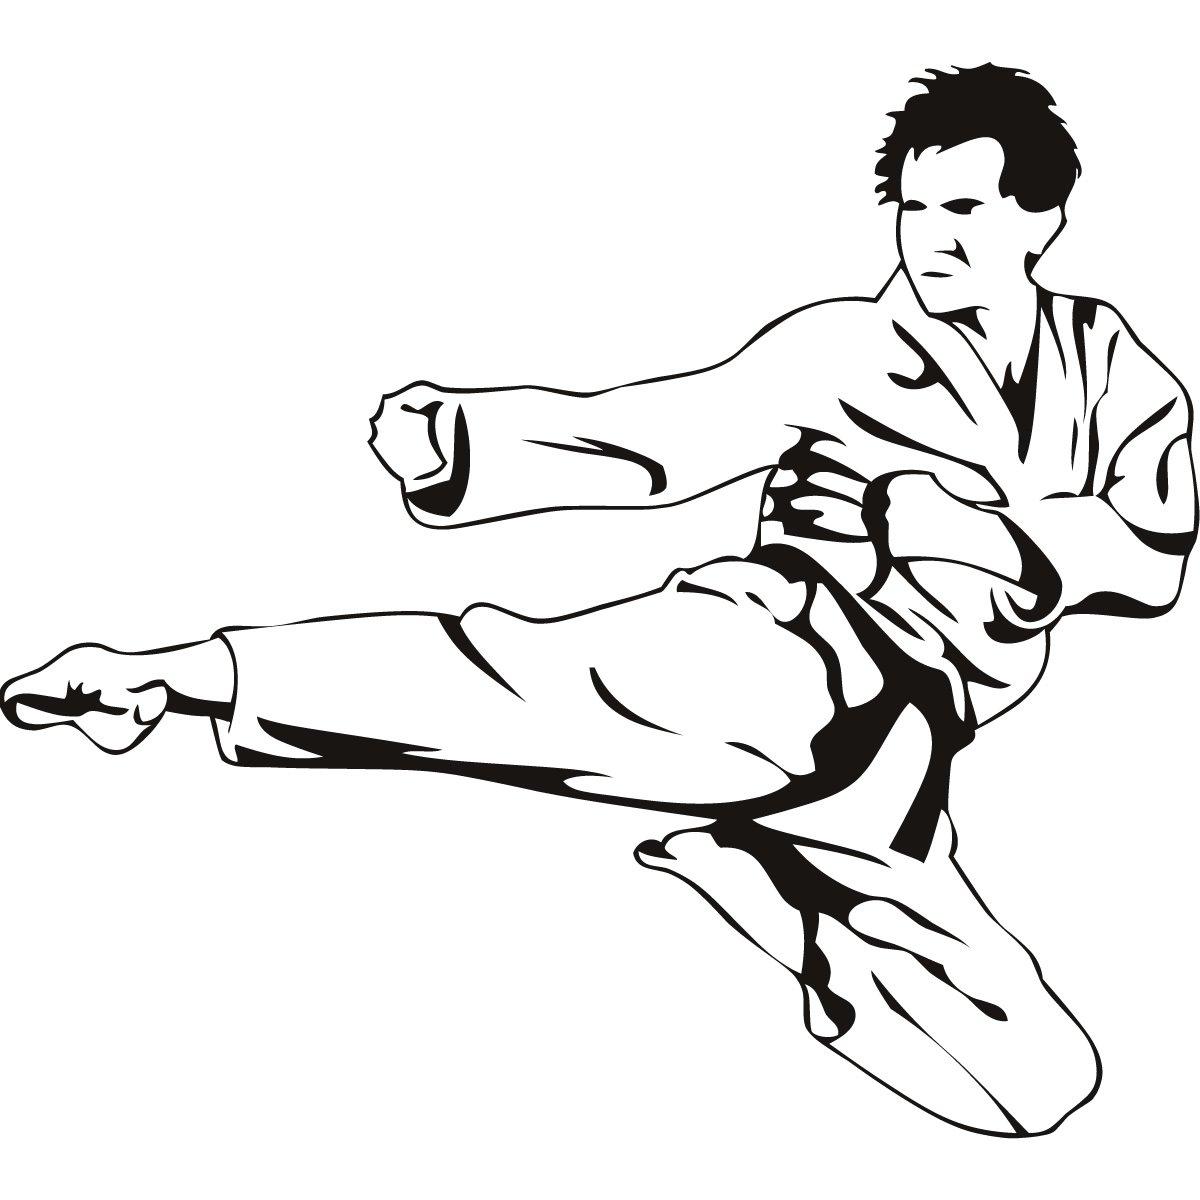 Karate Fighters Drawings